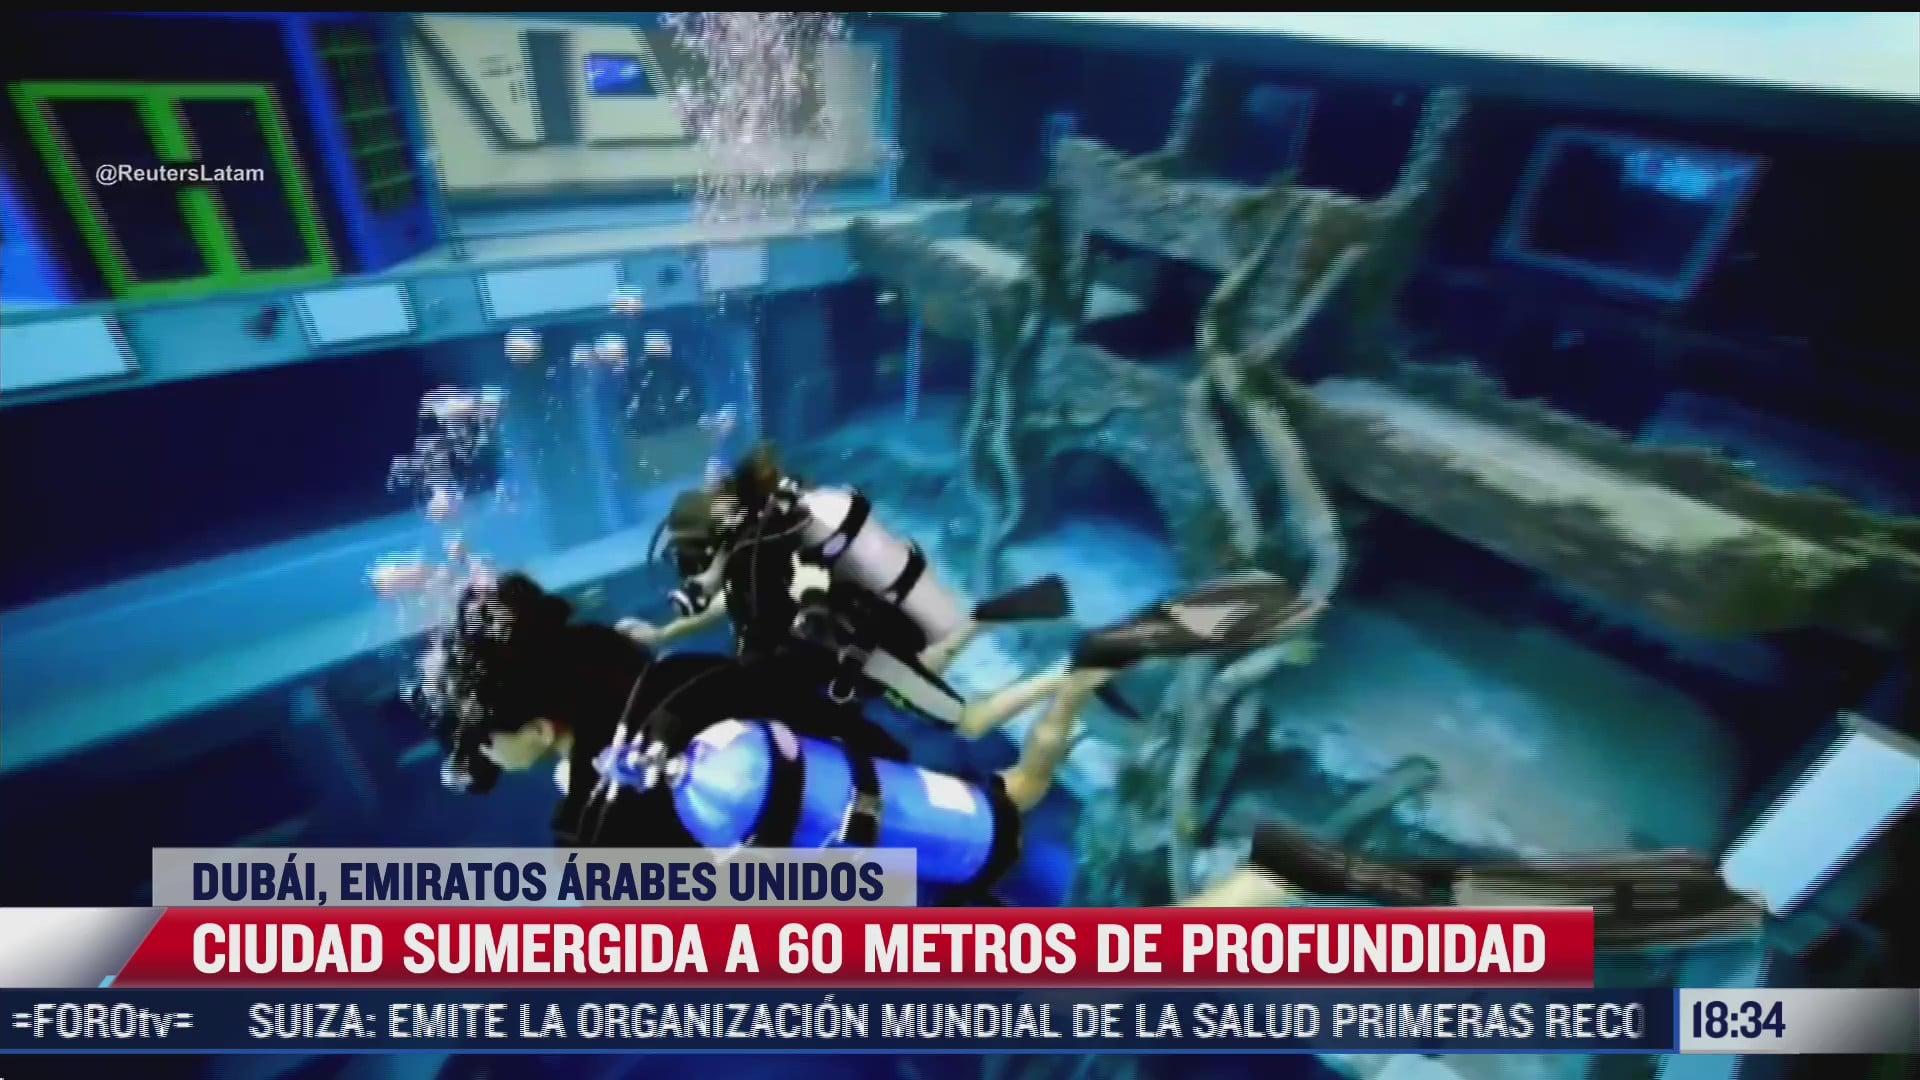 amantes del buceo podran explorar una ciudad sumergida en la piscina mas profunda del mundo